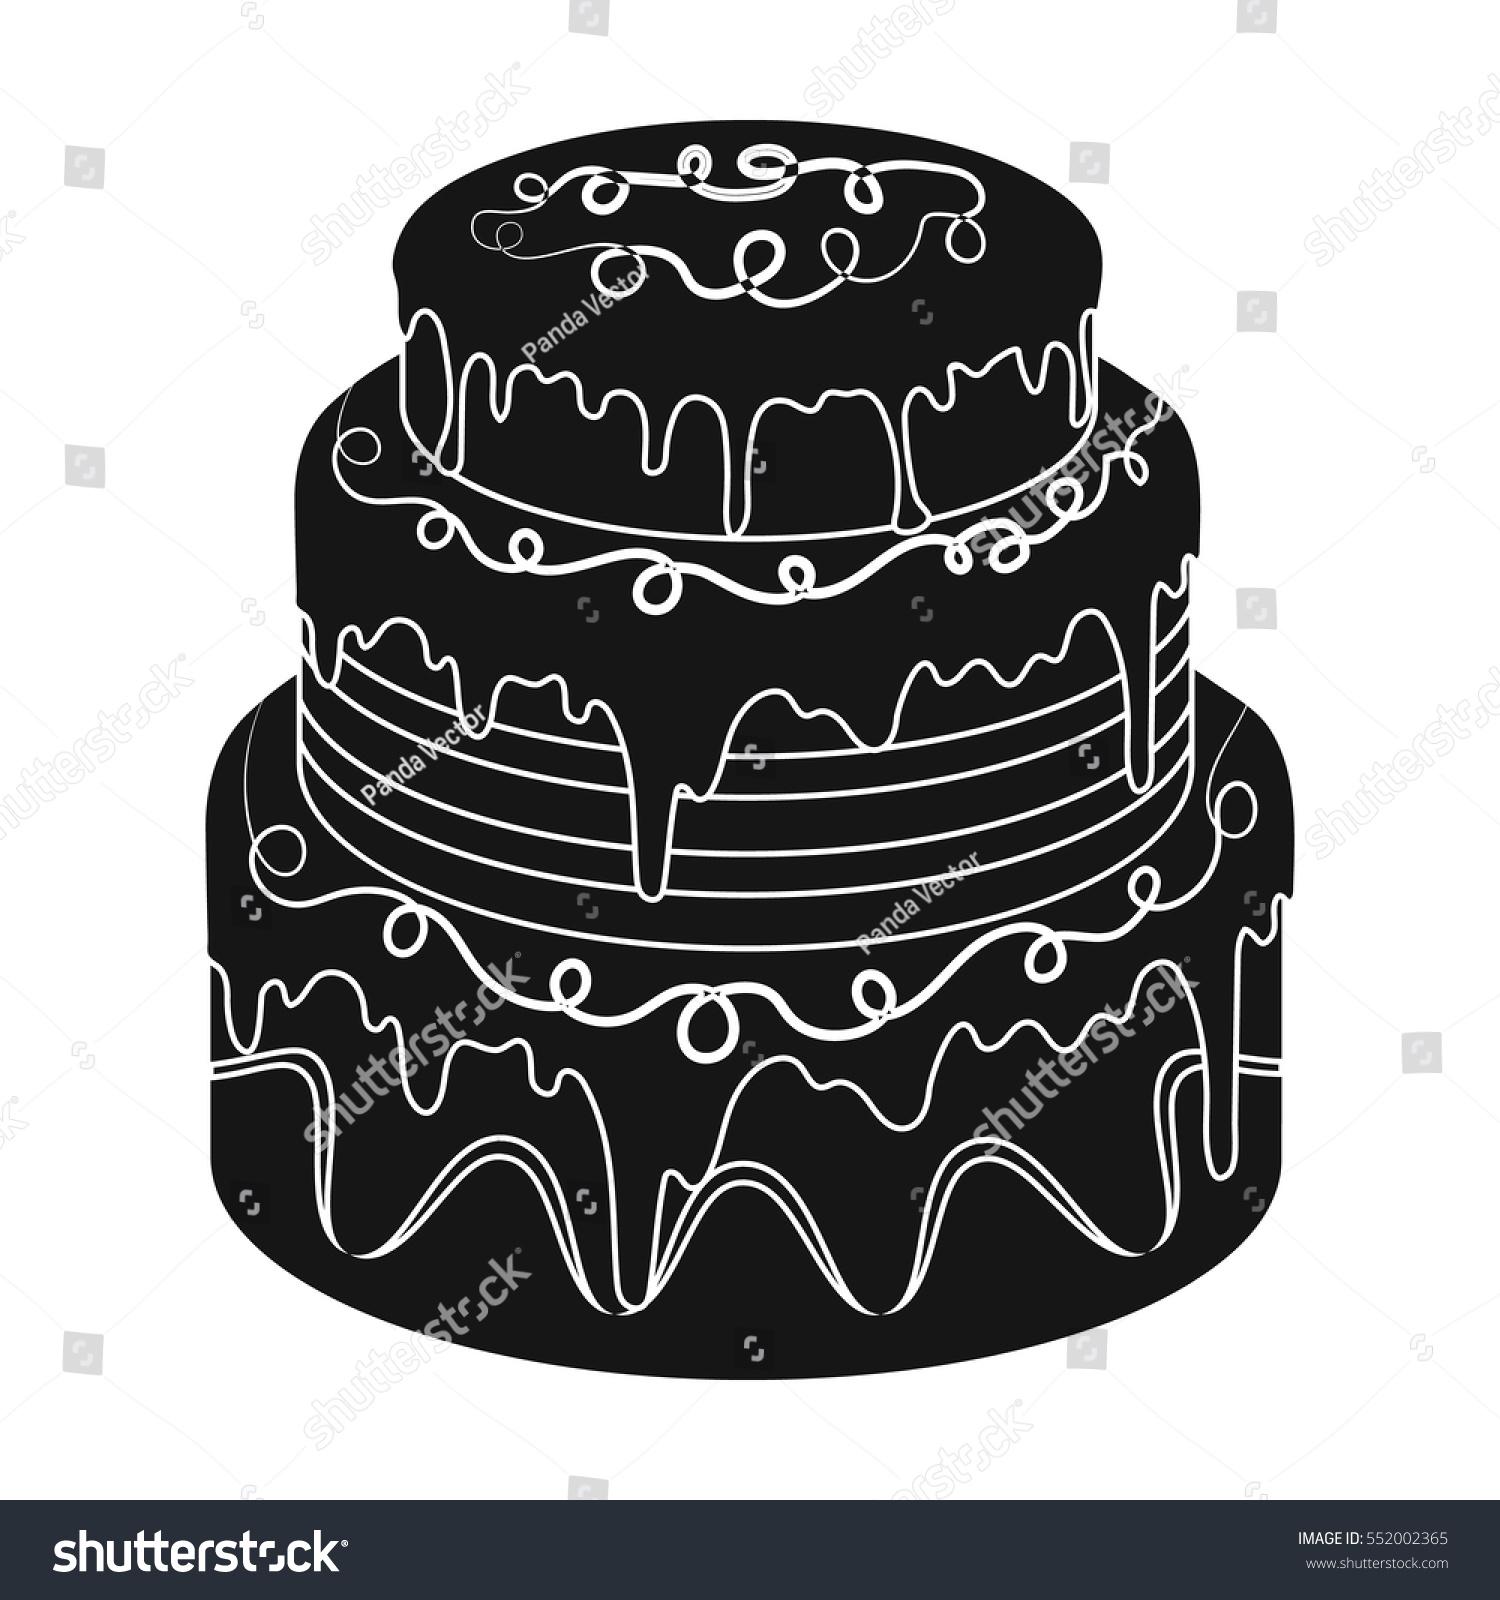 Blue threeply cake icon black style stock vector 552002365 blue three ply cake icon in black style isolated on white background cakes symbol buycottarizona